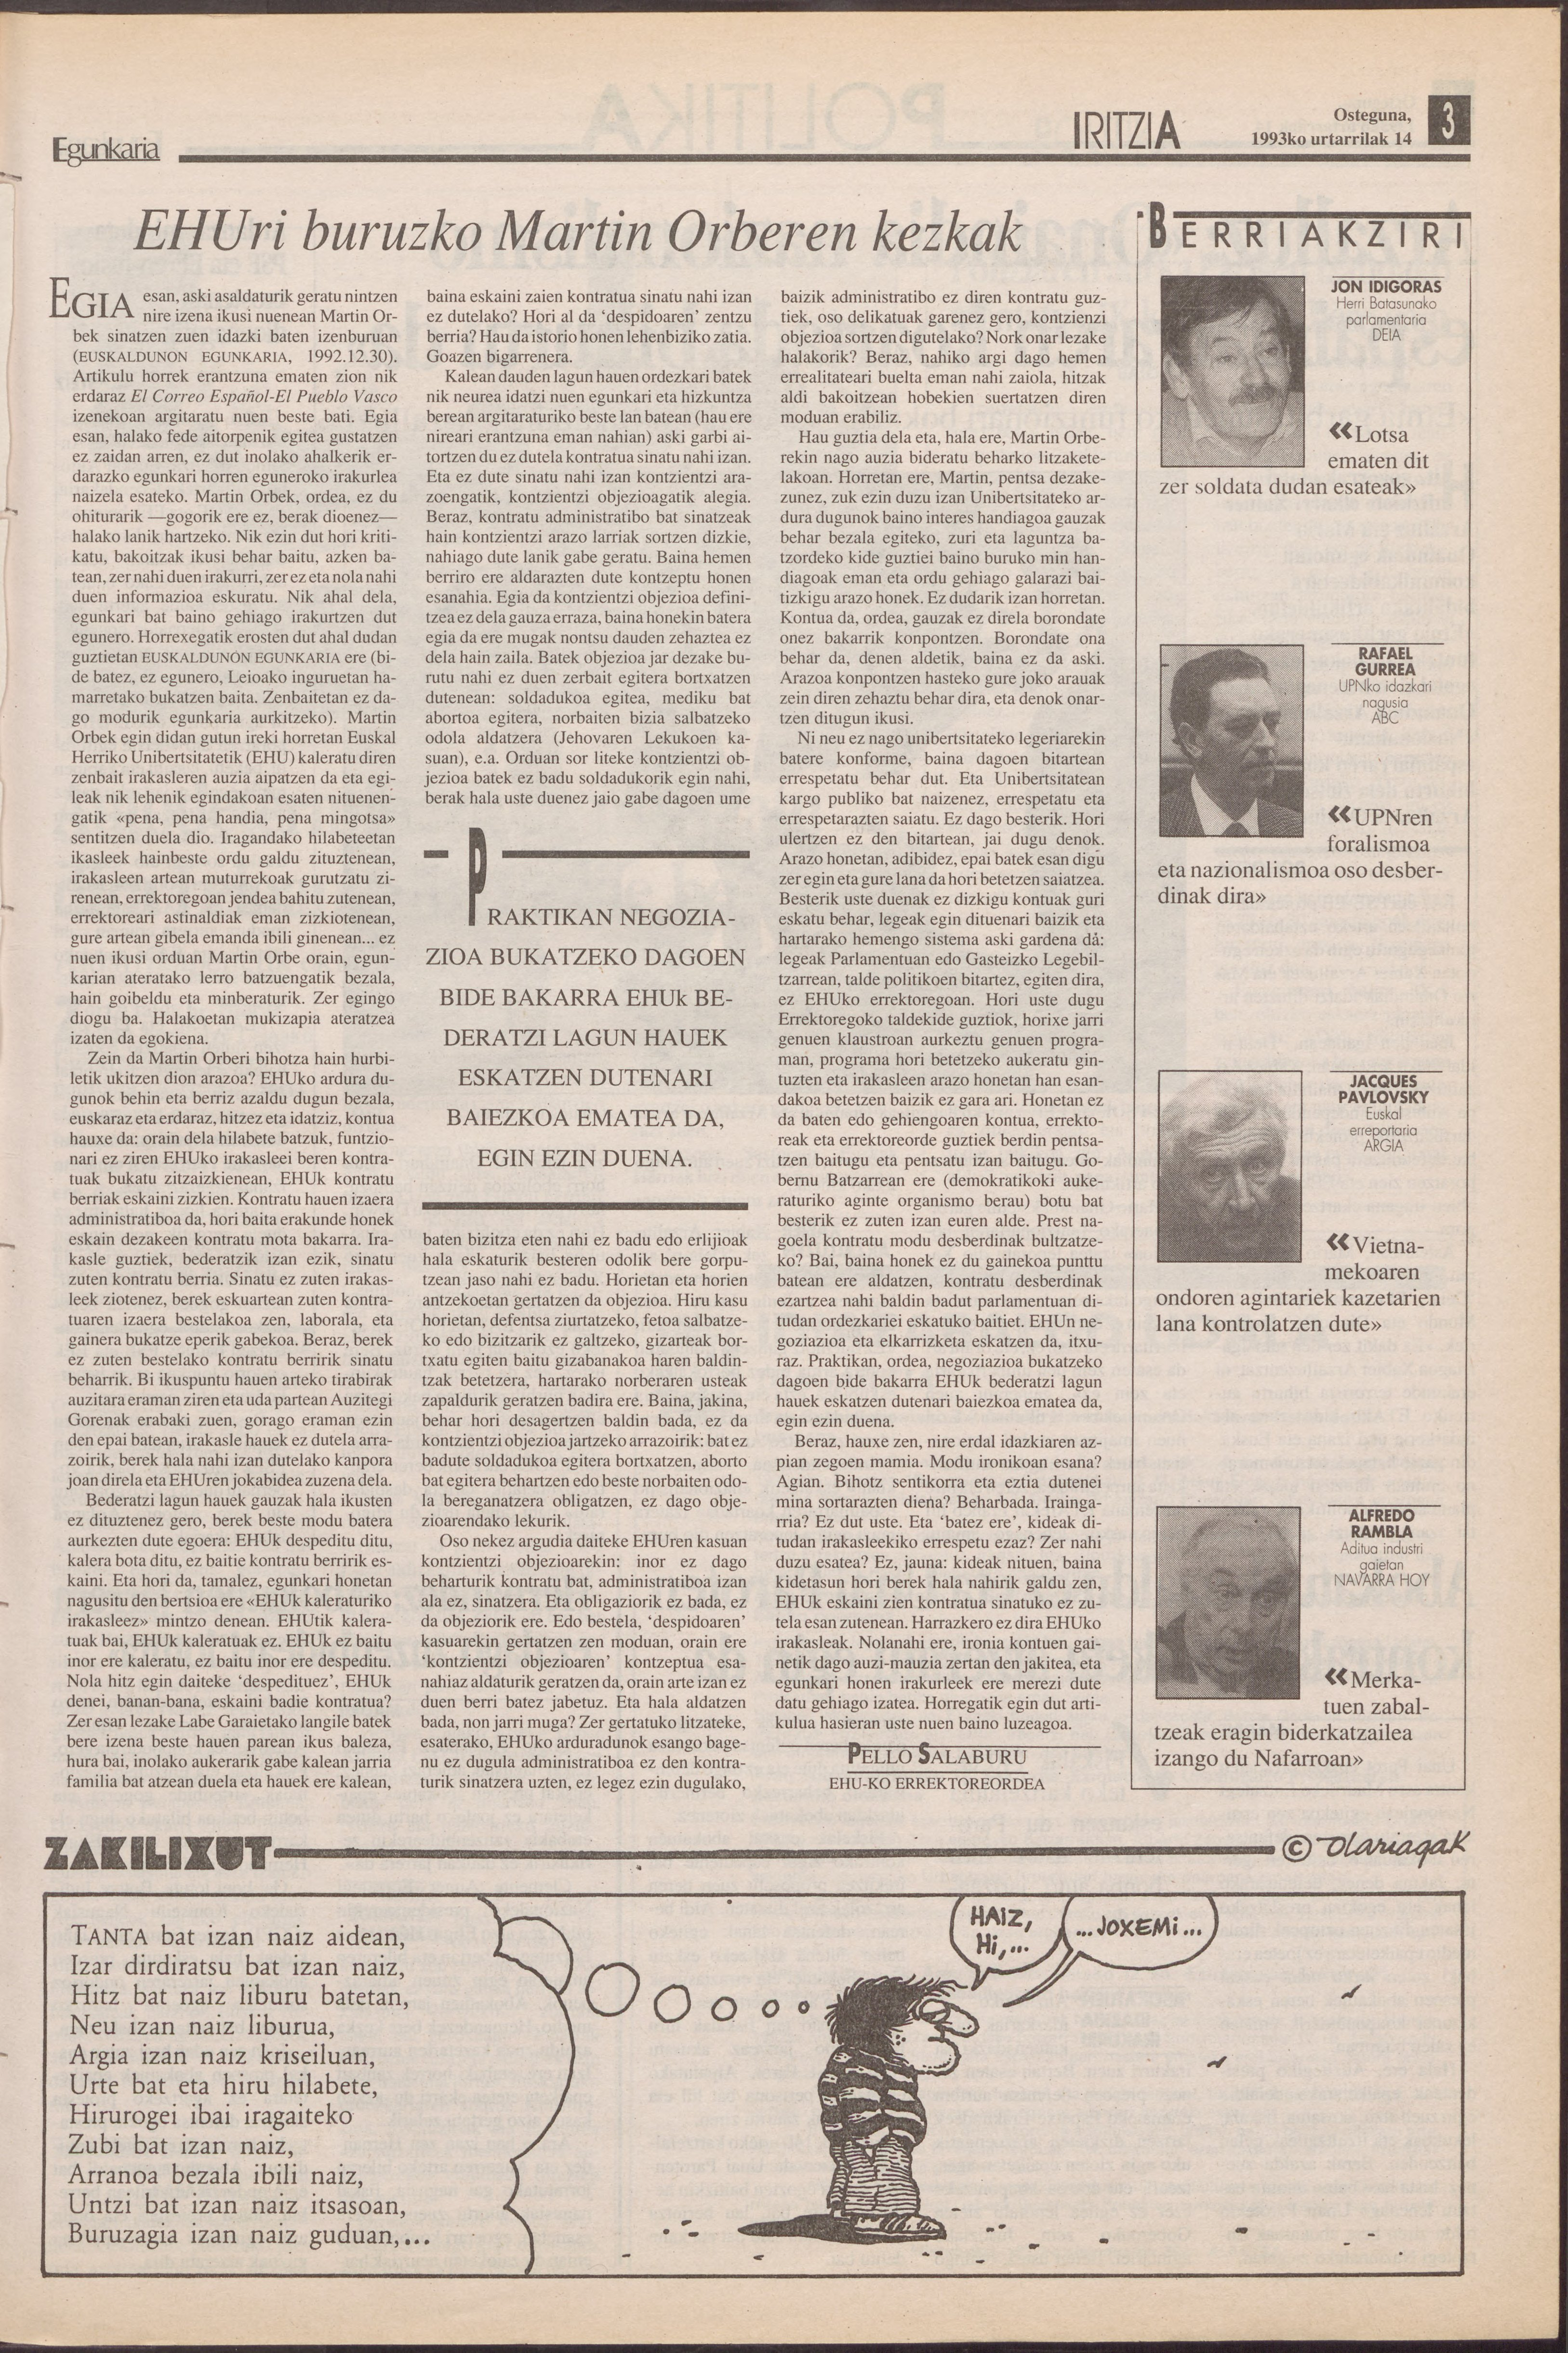 1993ko urtarrilak 14, 03. orrialdea